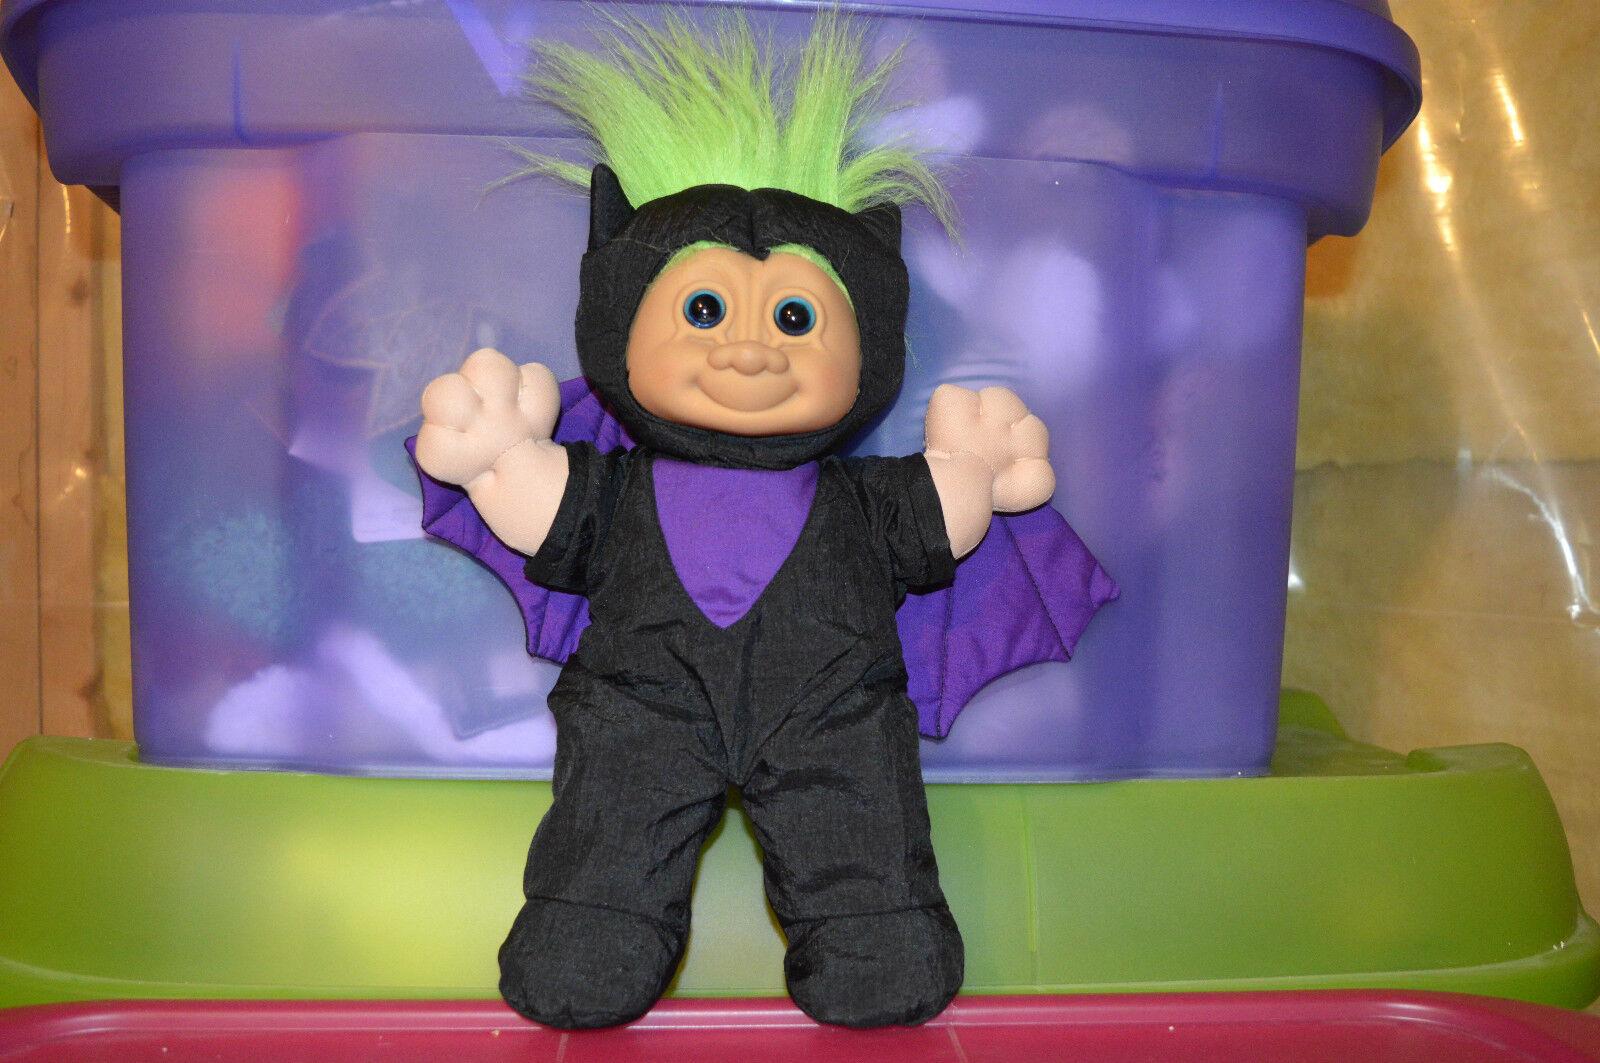 NYA HALVOEEN RUSS -TROLL klädd som bästa kraft -ploj, Doll Grönt Hår är väldigt glödande årgång